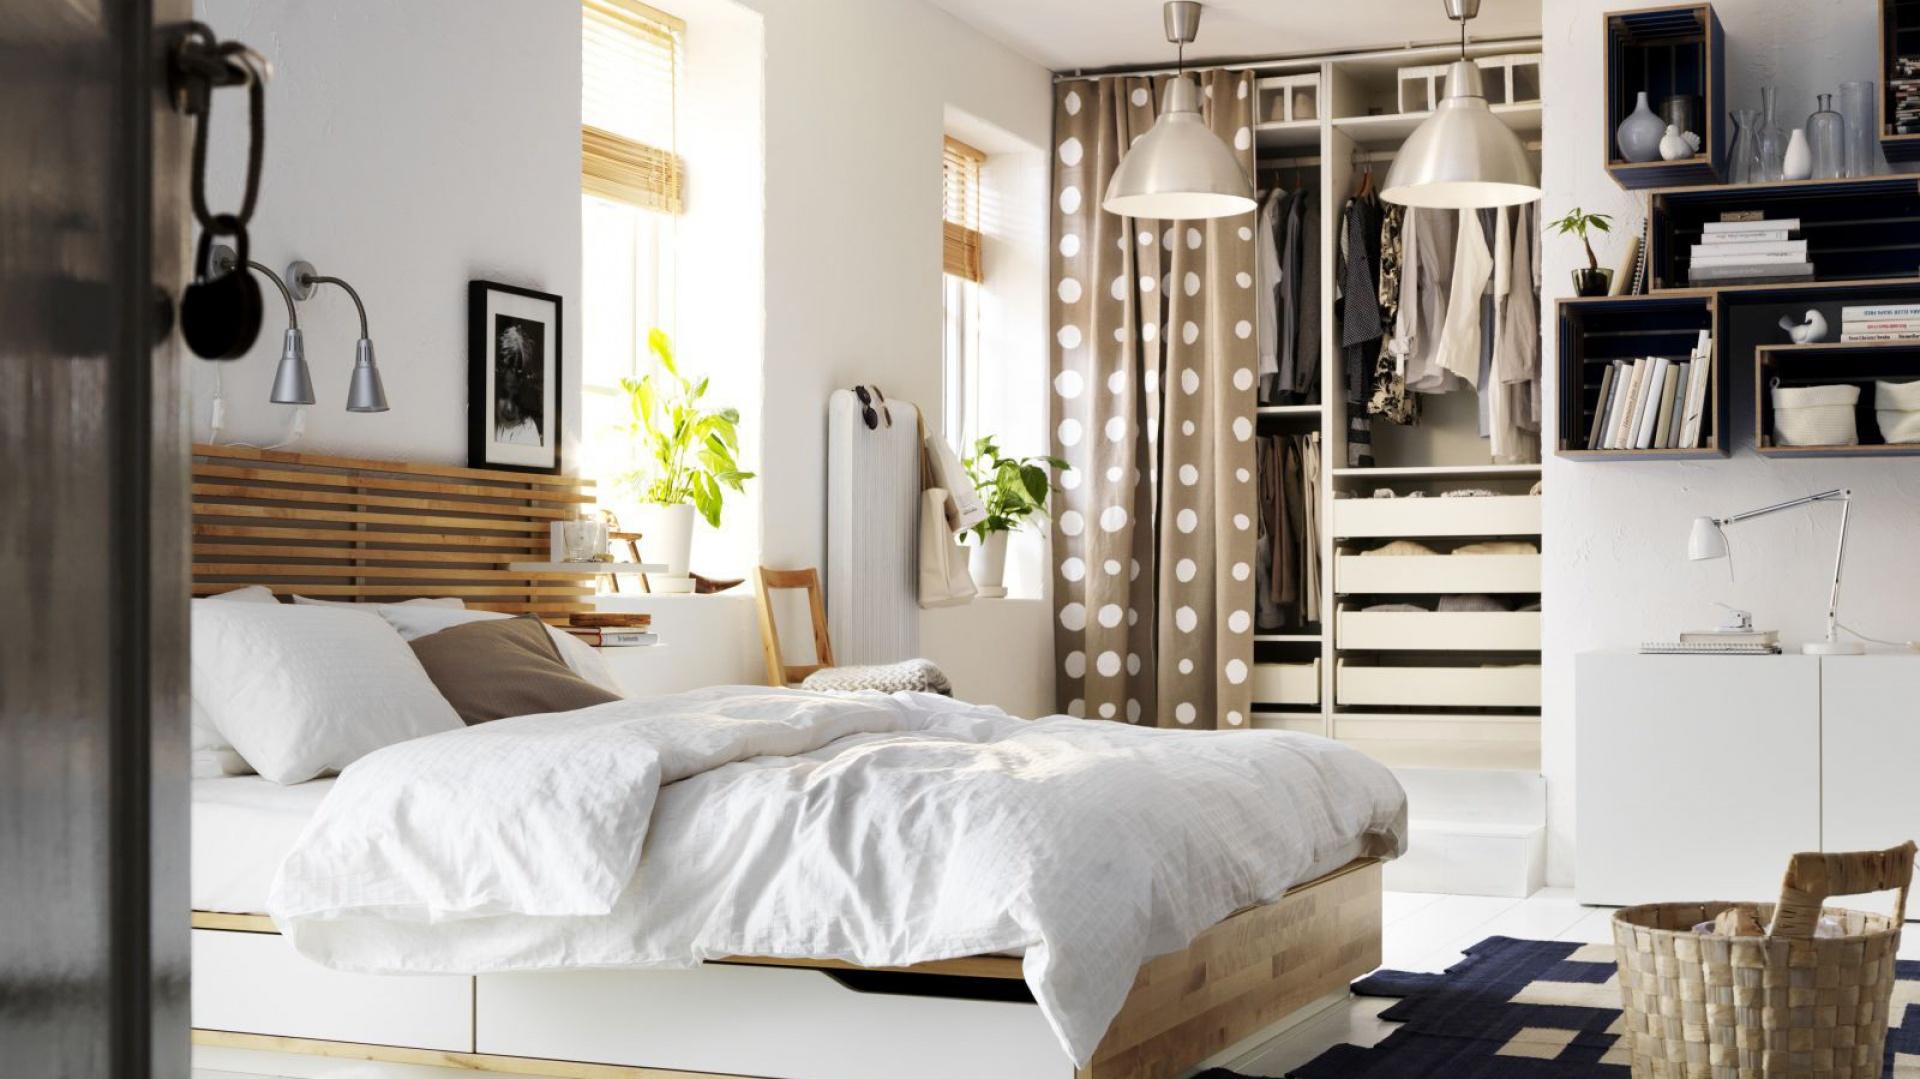 Lozko_w_sypialni_10_modeli_z_praktycznymi_schowkami,105815 on Ikea Small Bedroom Design Ideas